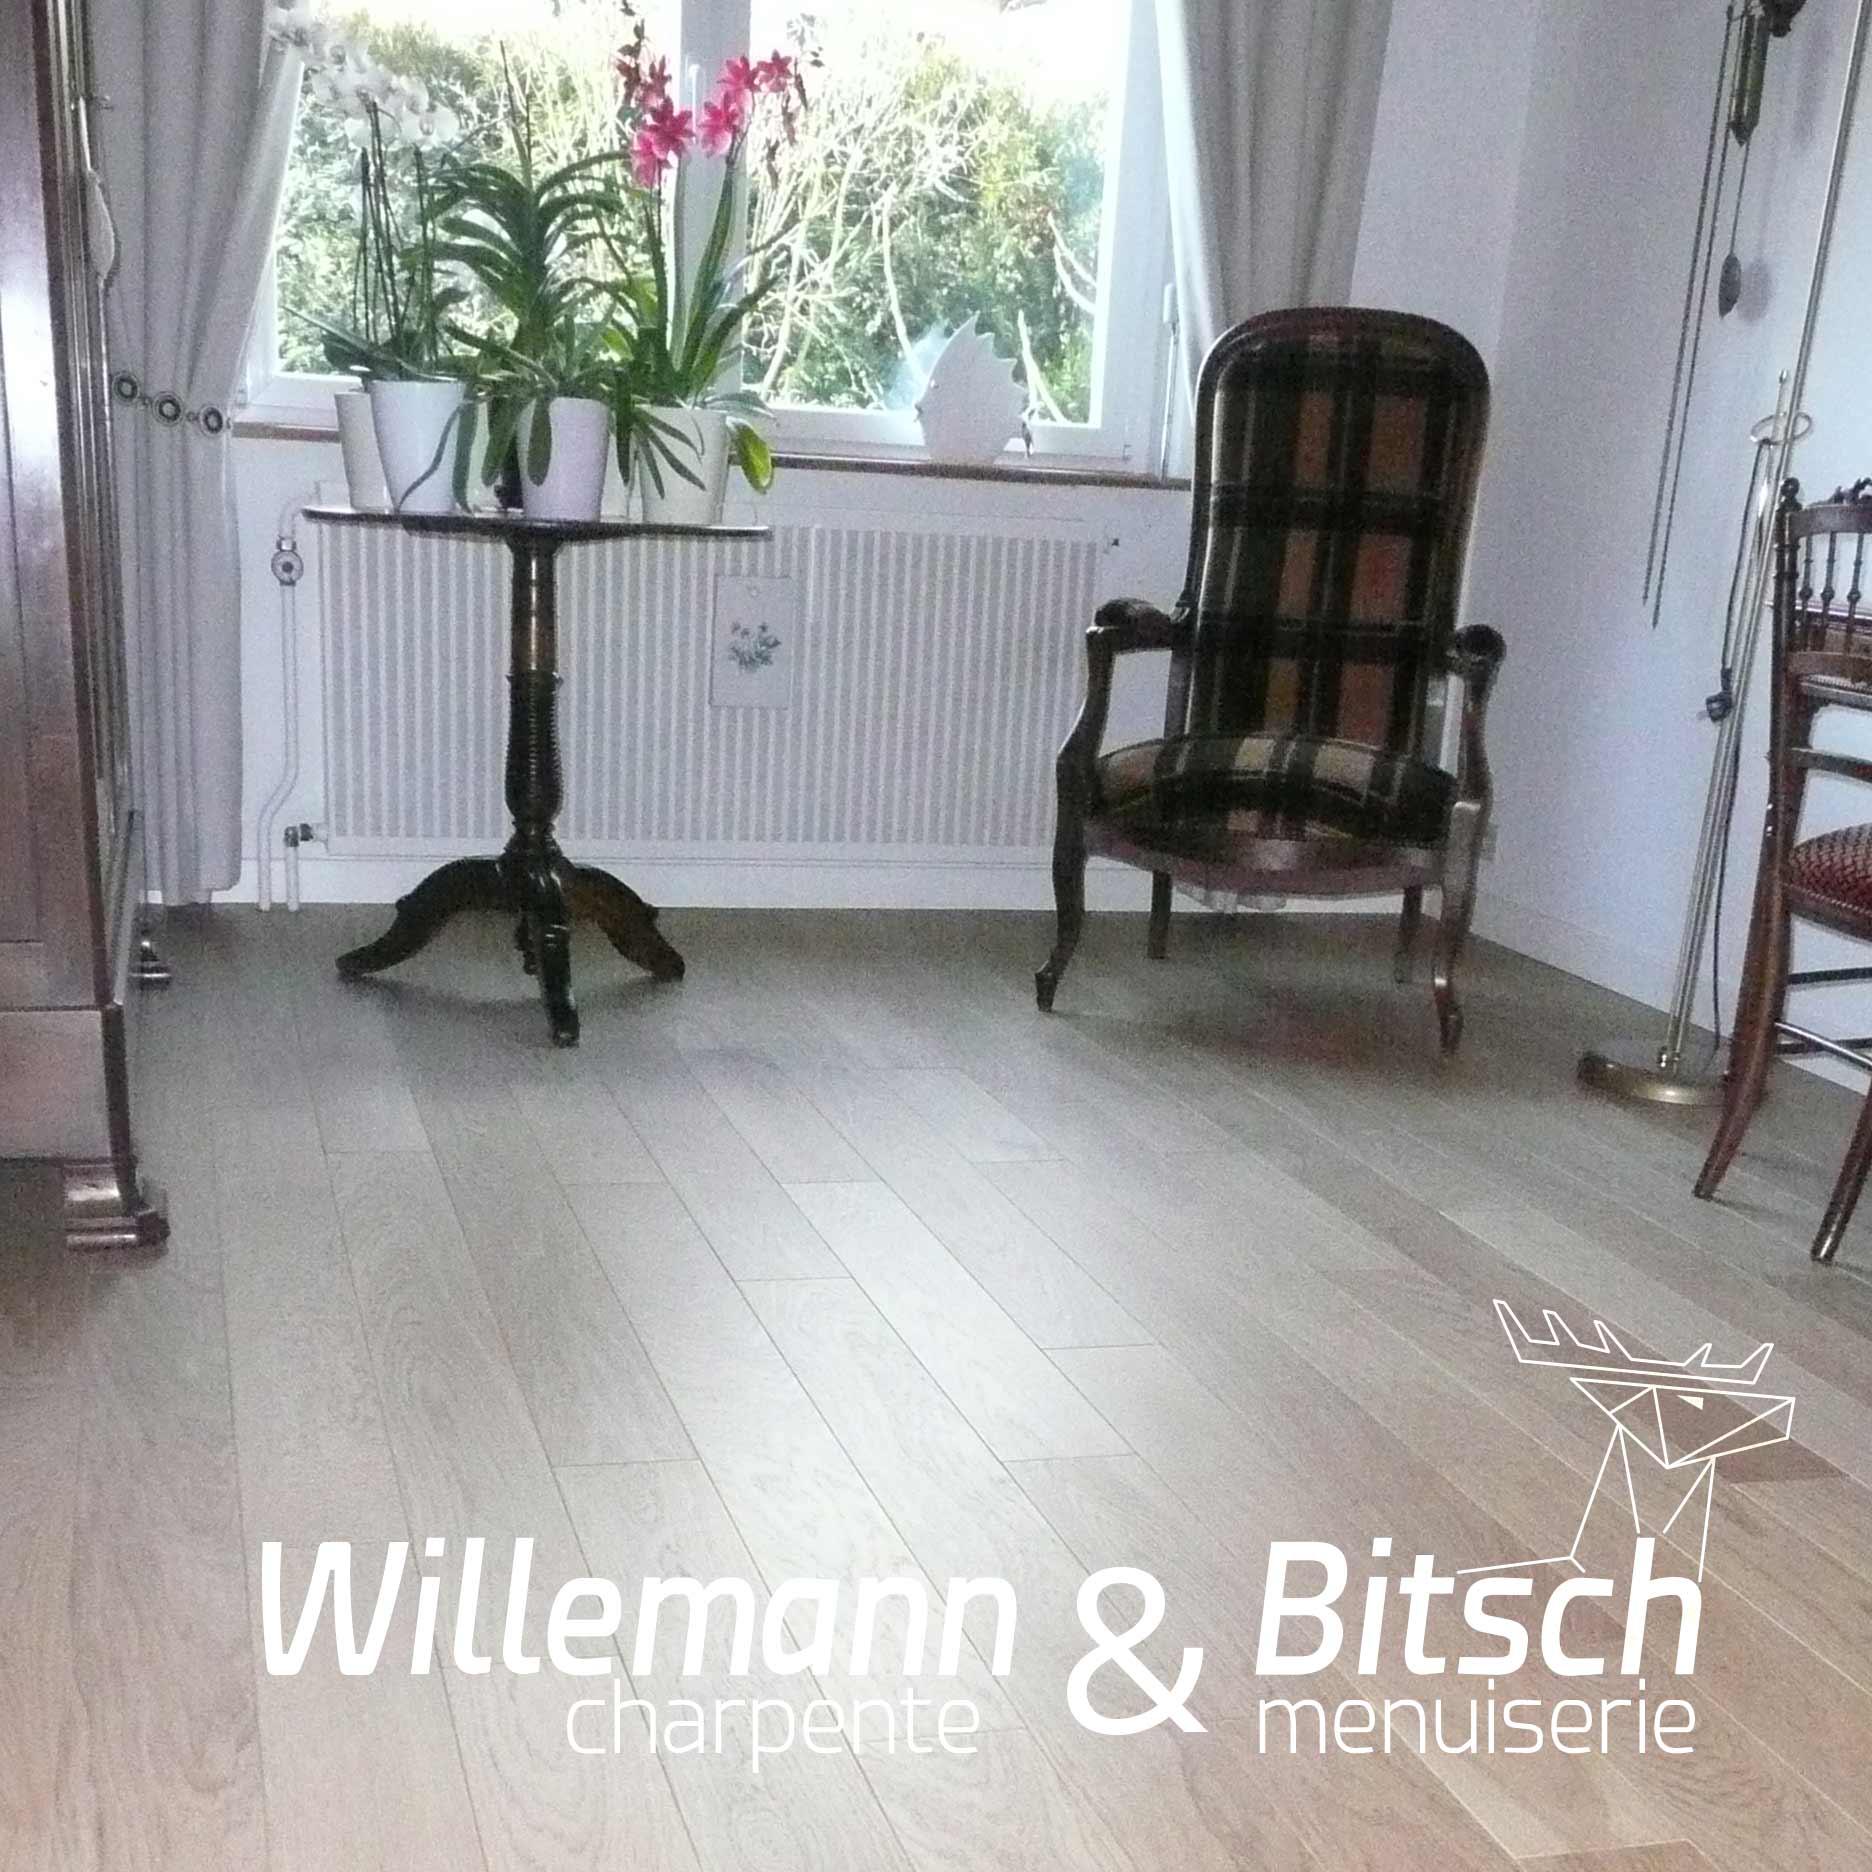 bitsch-menuiserie-bois-massif-parquet-revetment-bois-sol-plafond